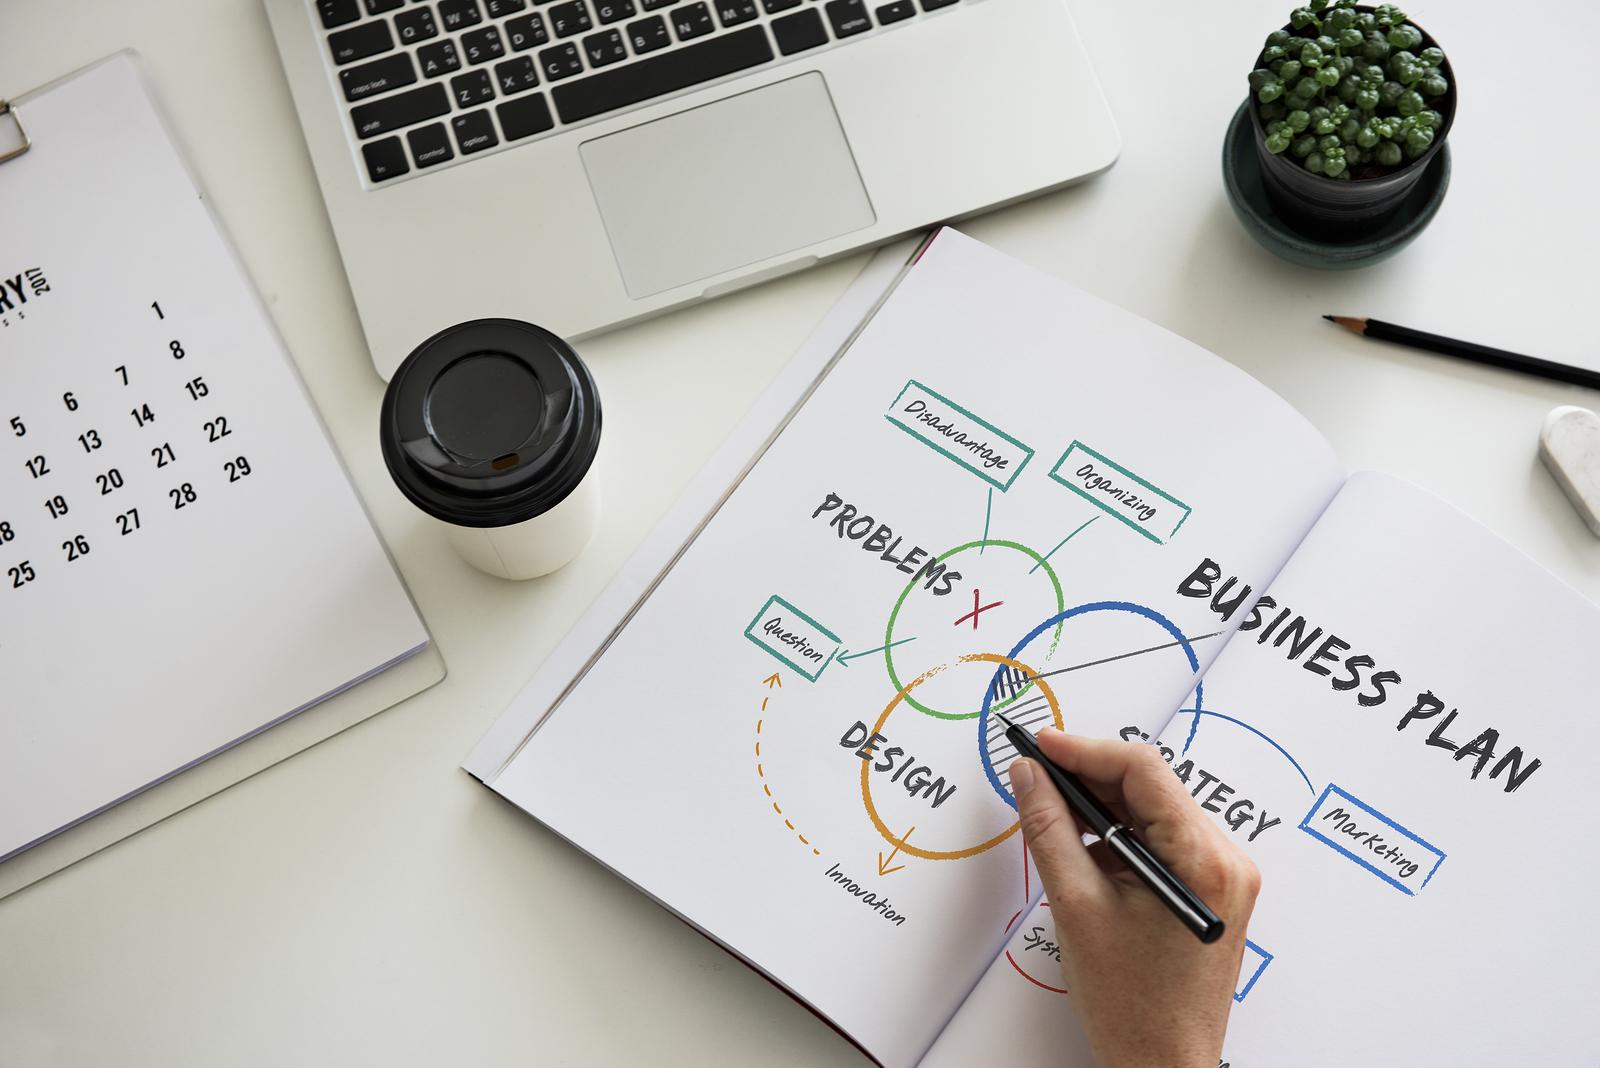 Créer des business modèles plus durables